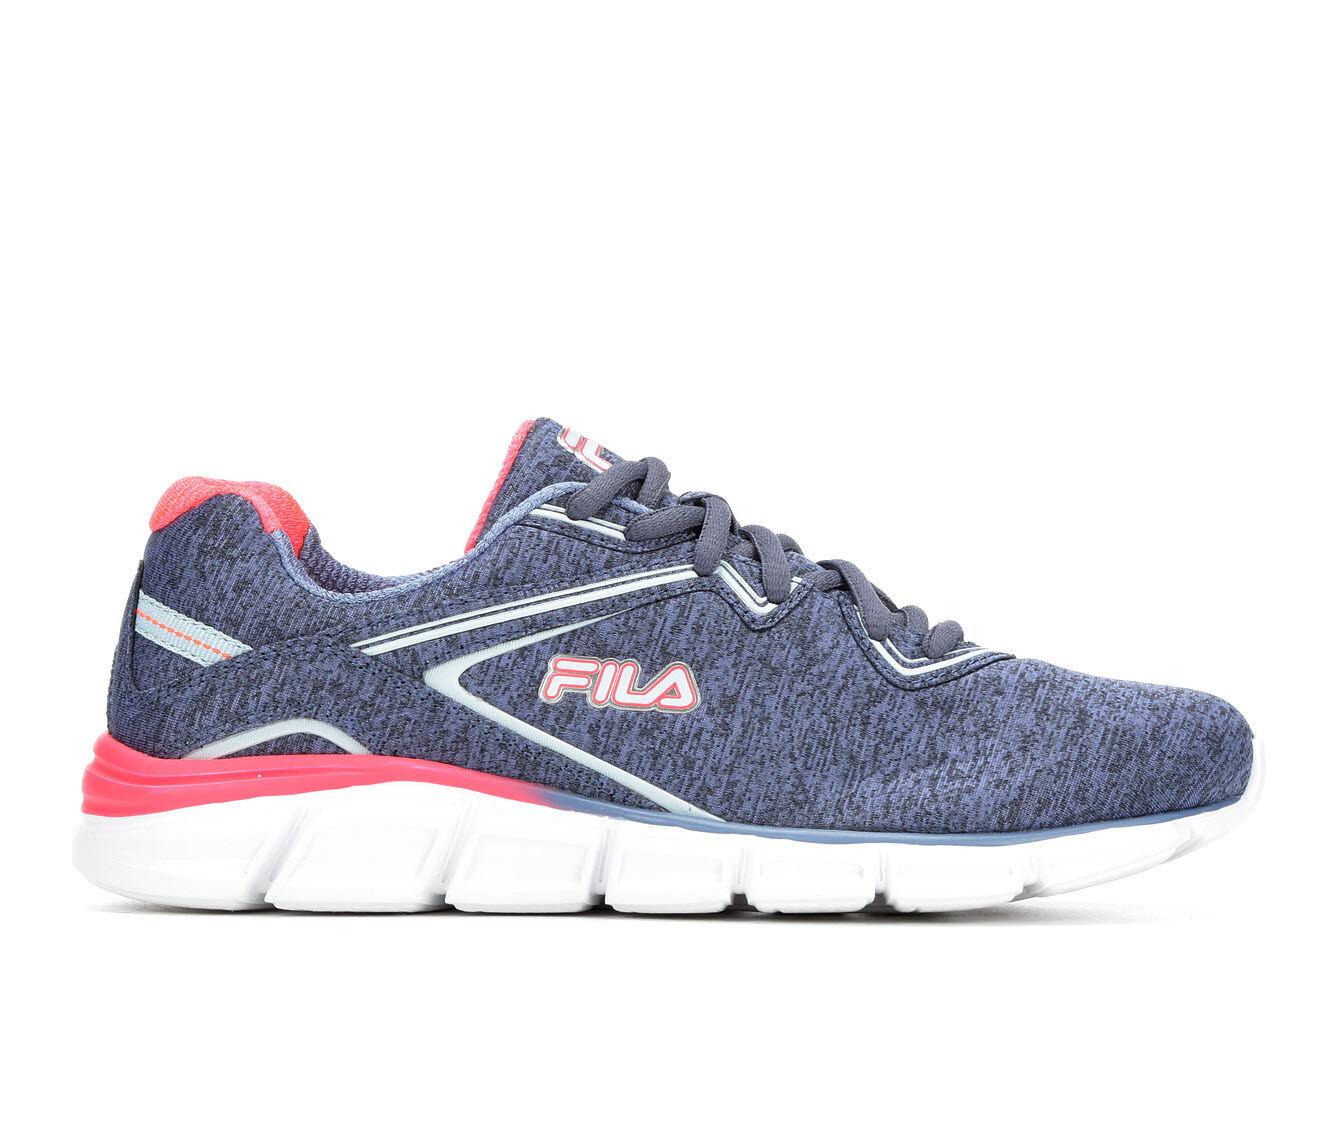 Women's Fila Vernato Heather Sneakers Blue/Pink/Wht